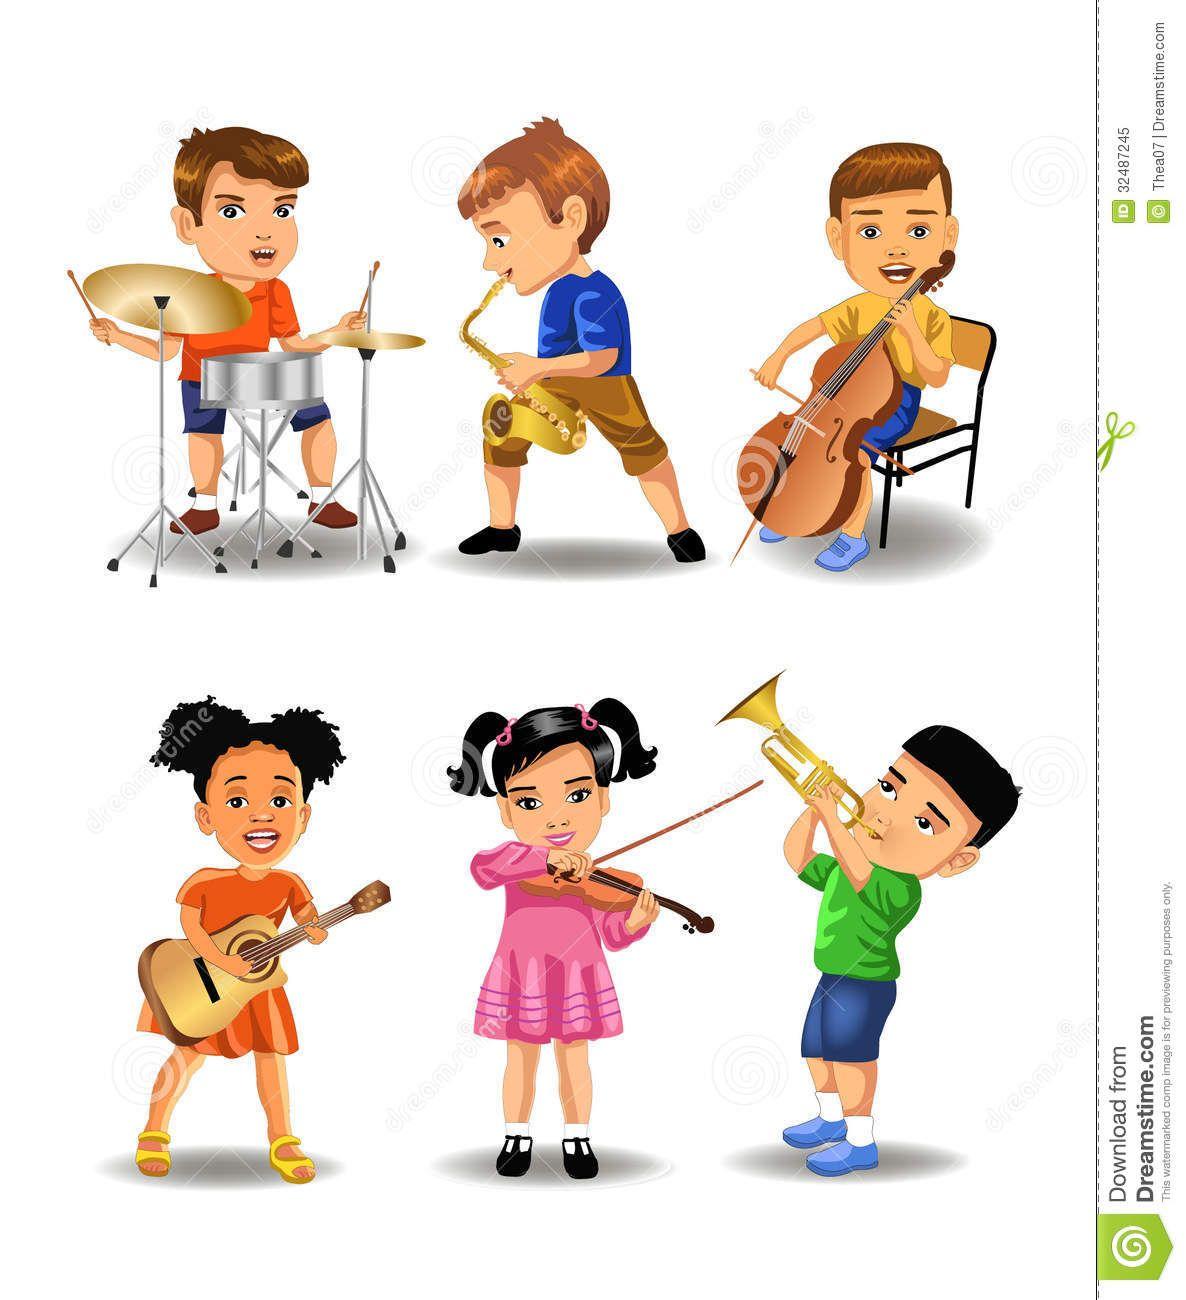 Worksheet Play Musical Instruments children playing musical instruments clipart googlom googlom